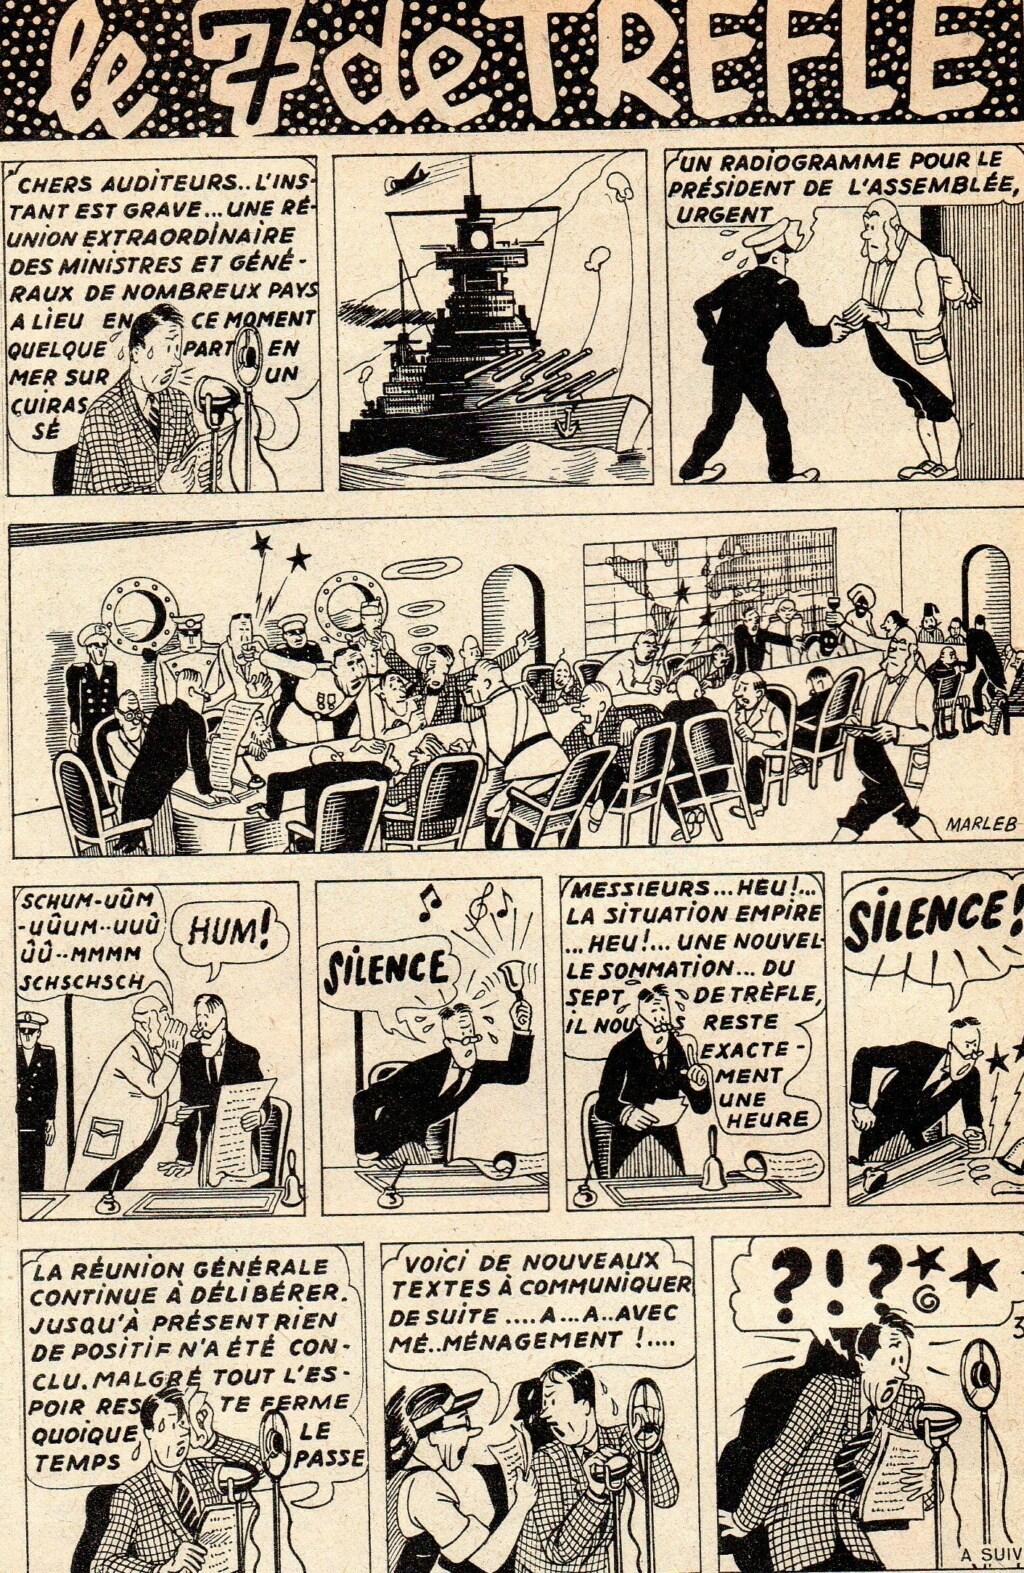 Le Sept de trèfle - Page 3 7_de_t12